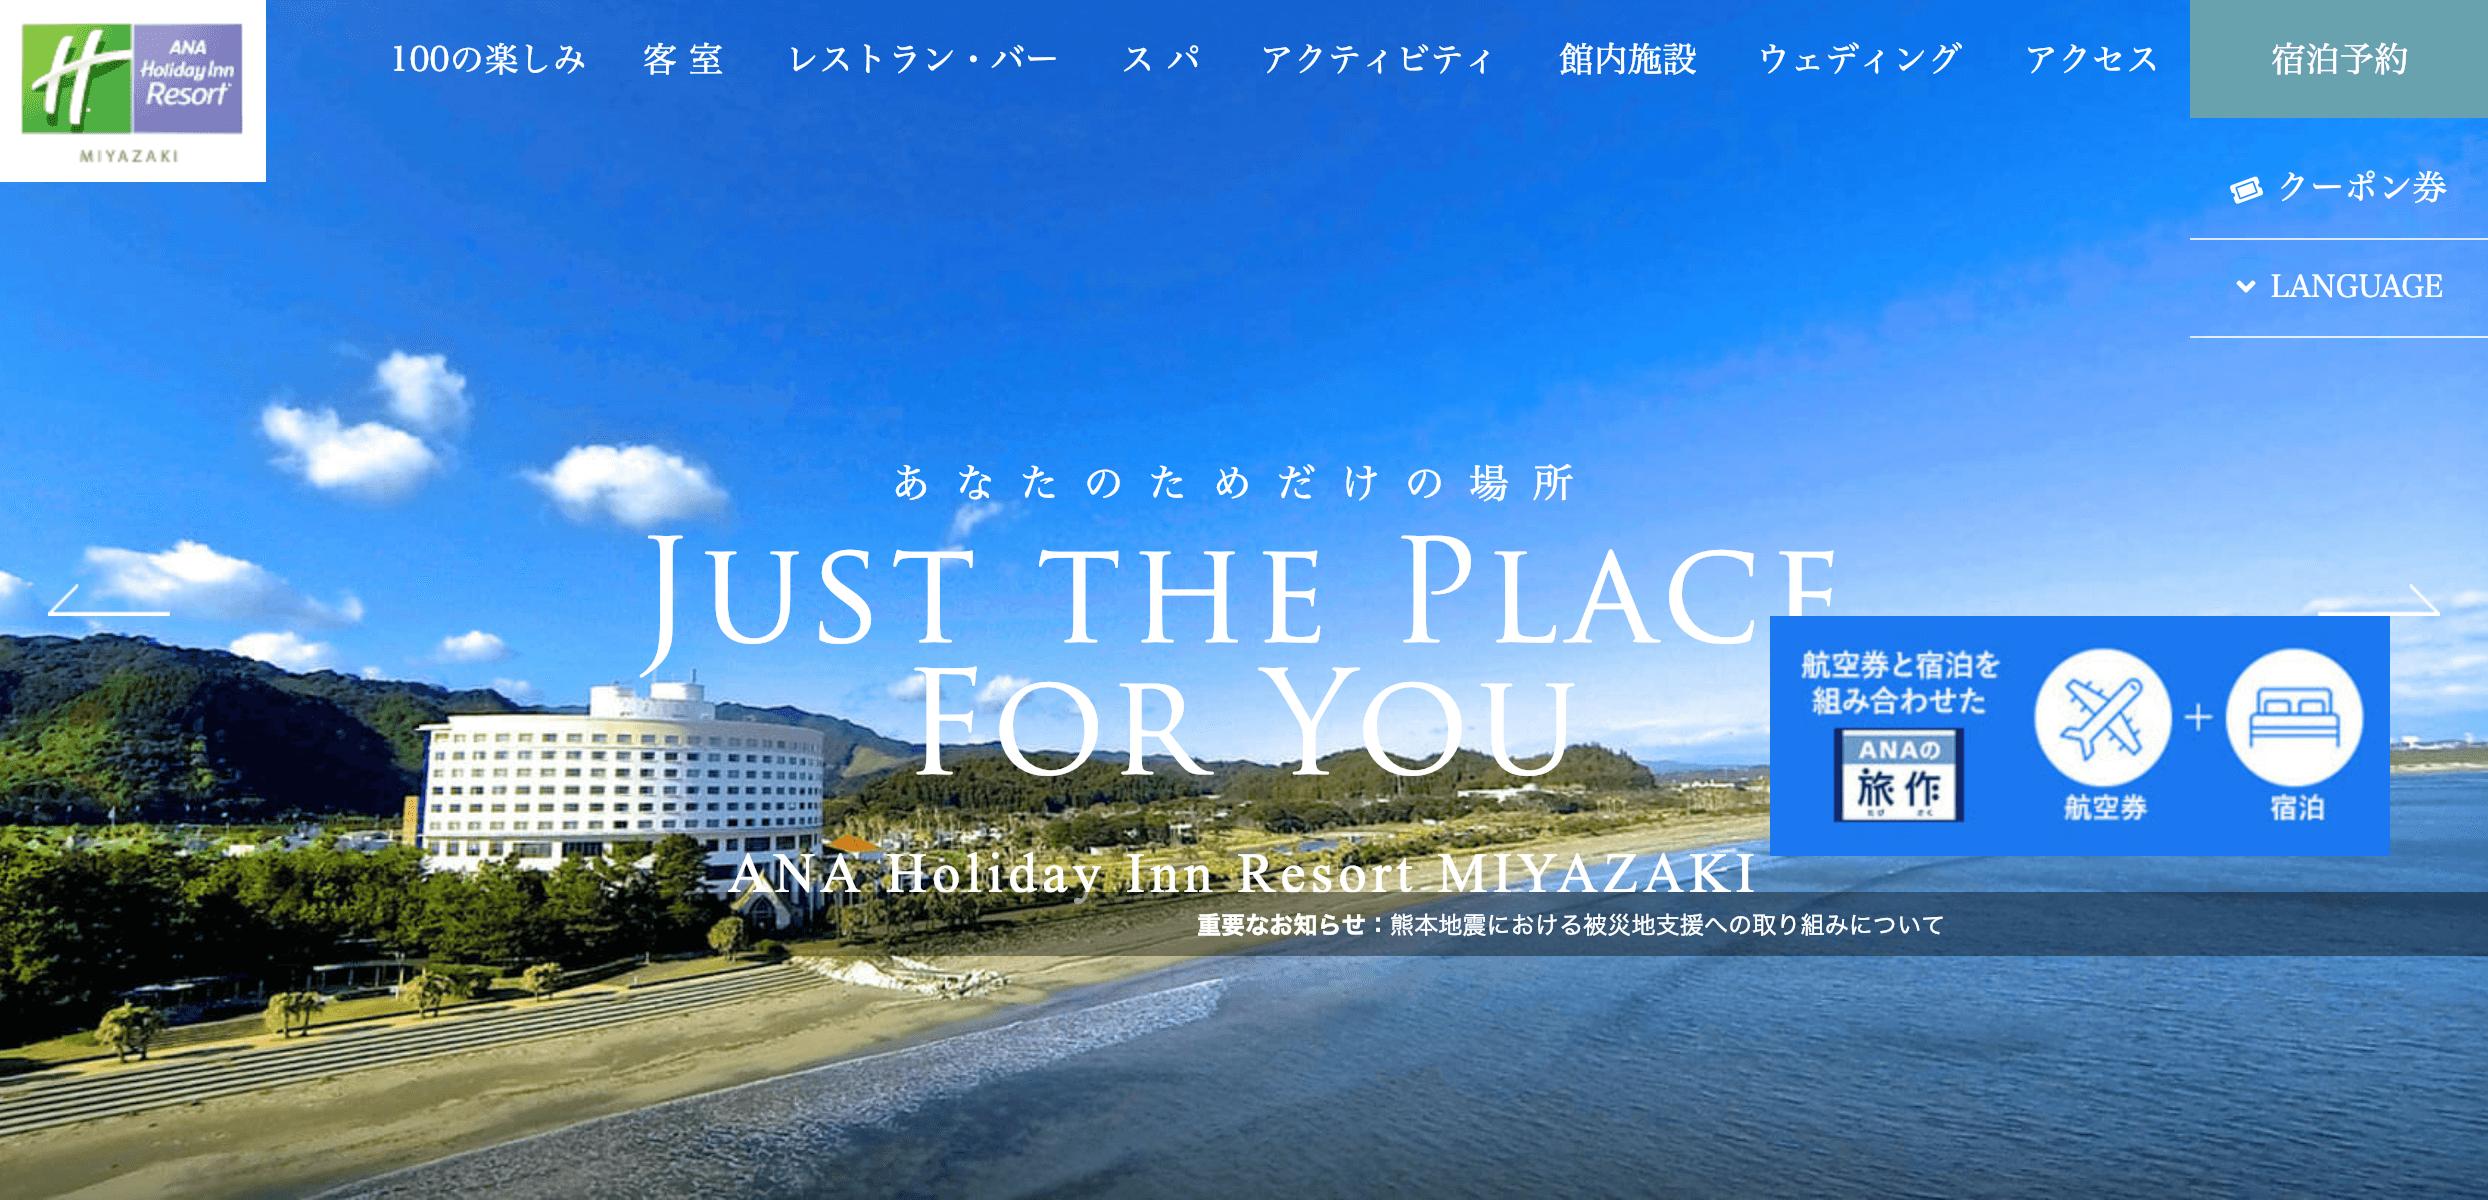 宮崎でパパ活におすすめなホテル「ANAホリデイ・イン リゾート宮崎」